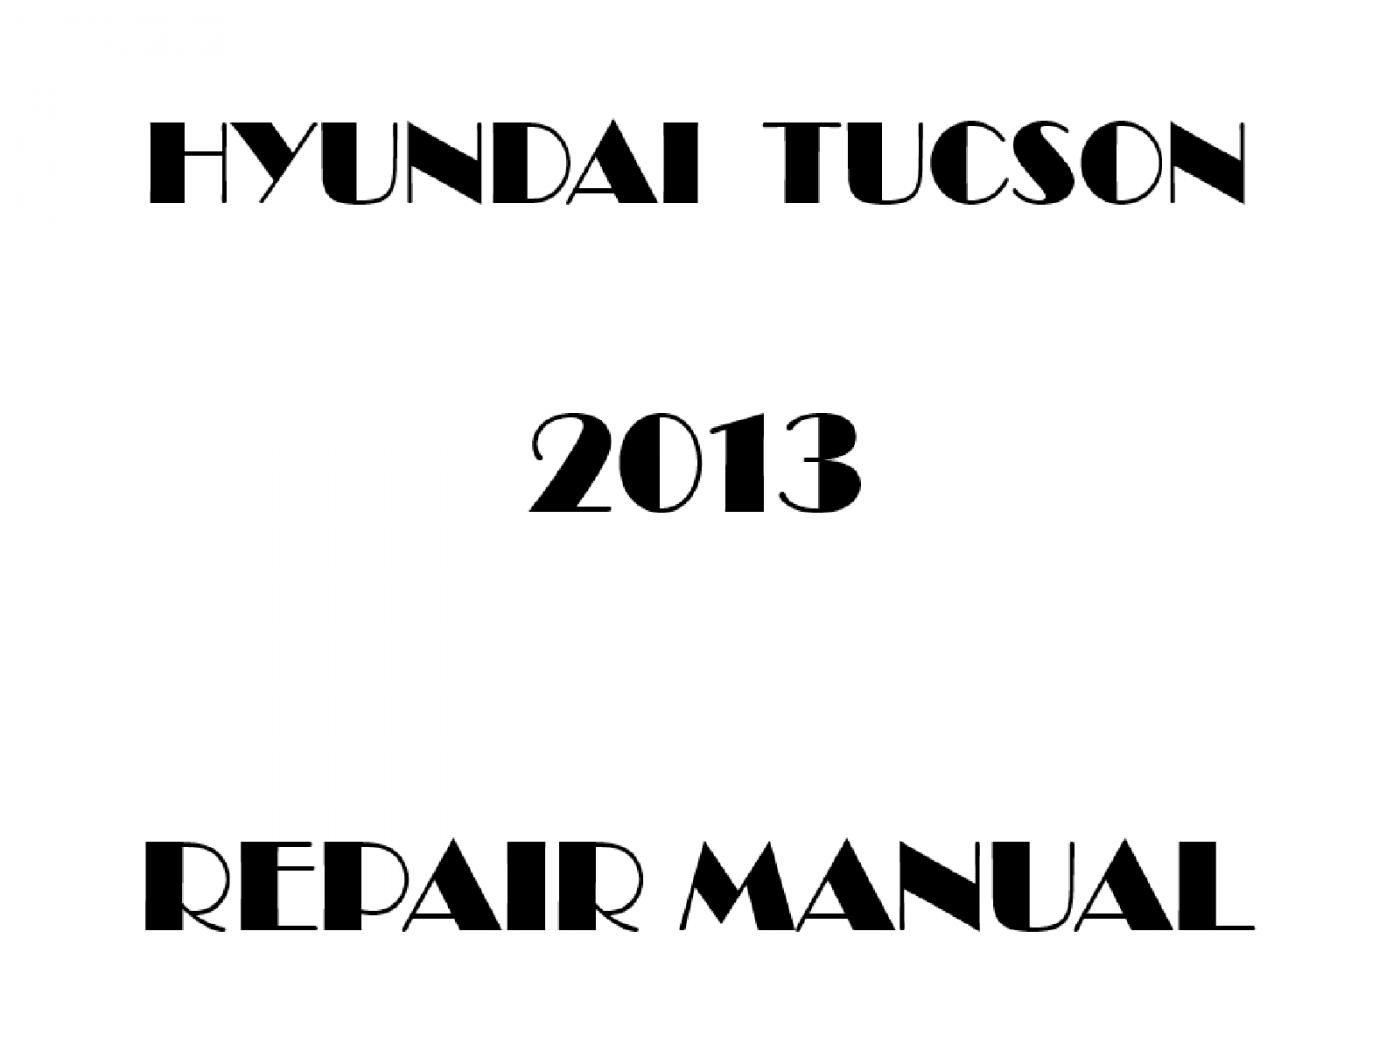 2013 Hyundai Tucson repair manual